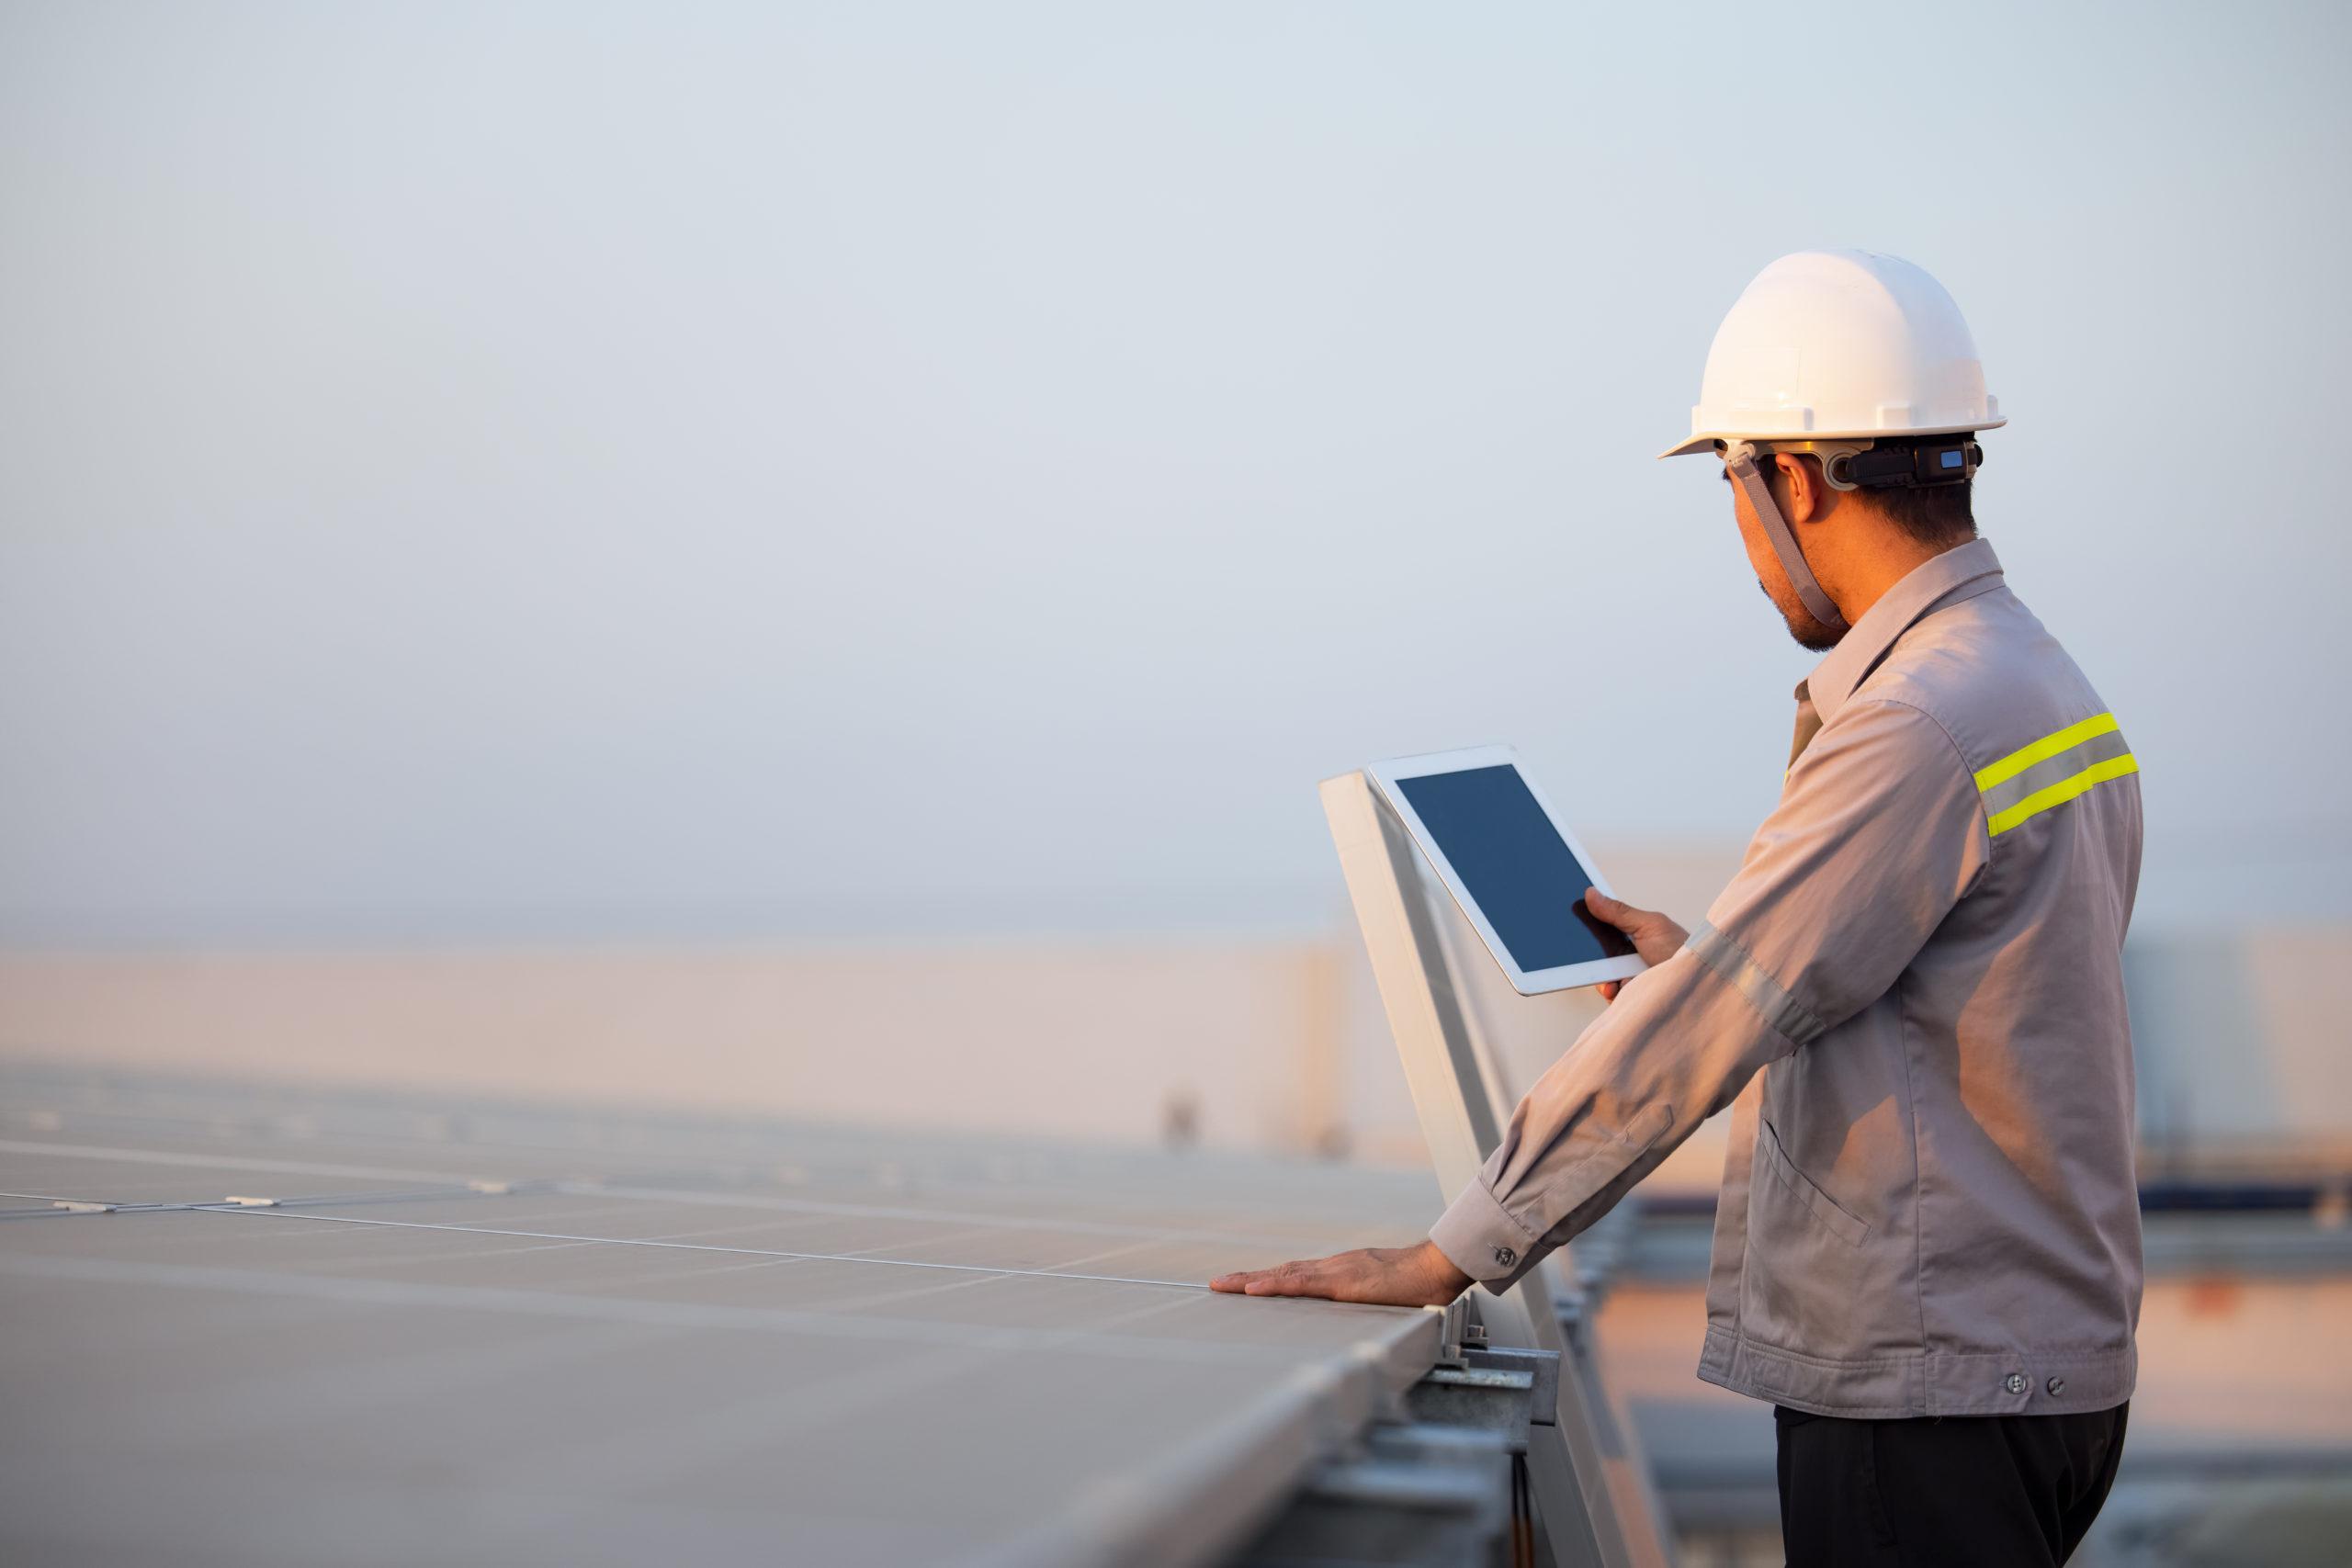 Vendas no mercado solar: 5 necessidades do cliente após a instalação da usina fotovoltaica